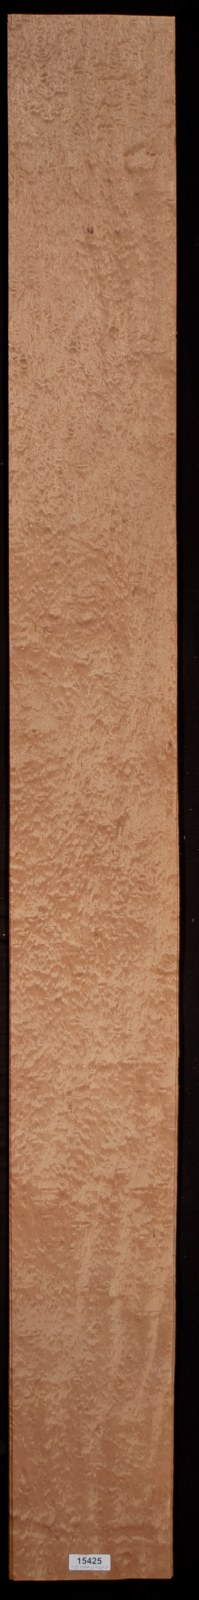 AAA Figured Spanish Cedar Veneer Sheet